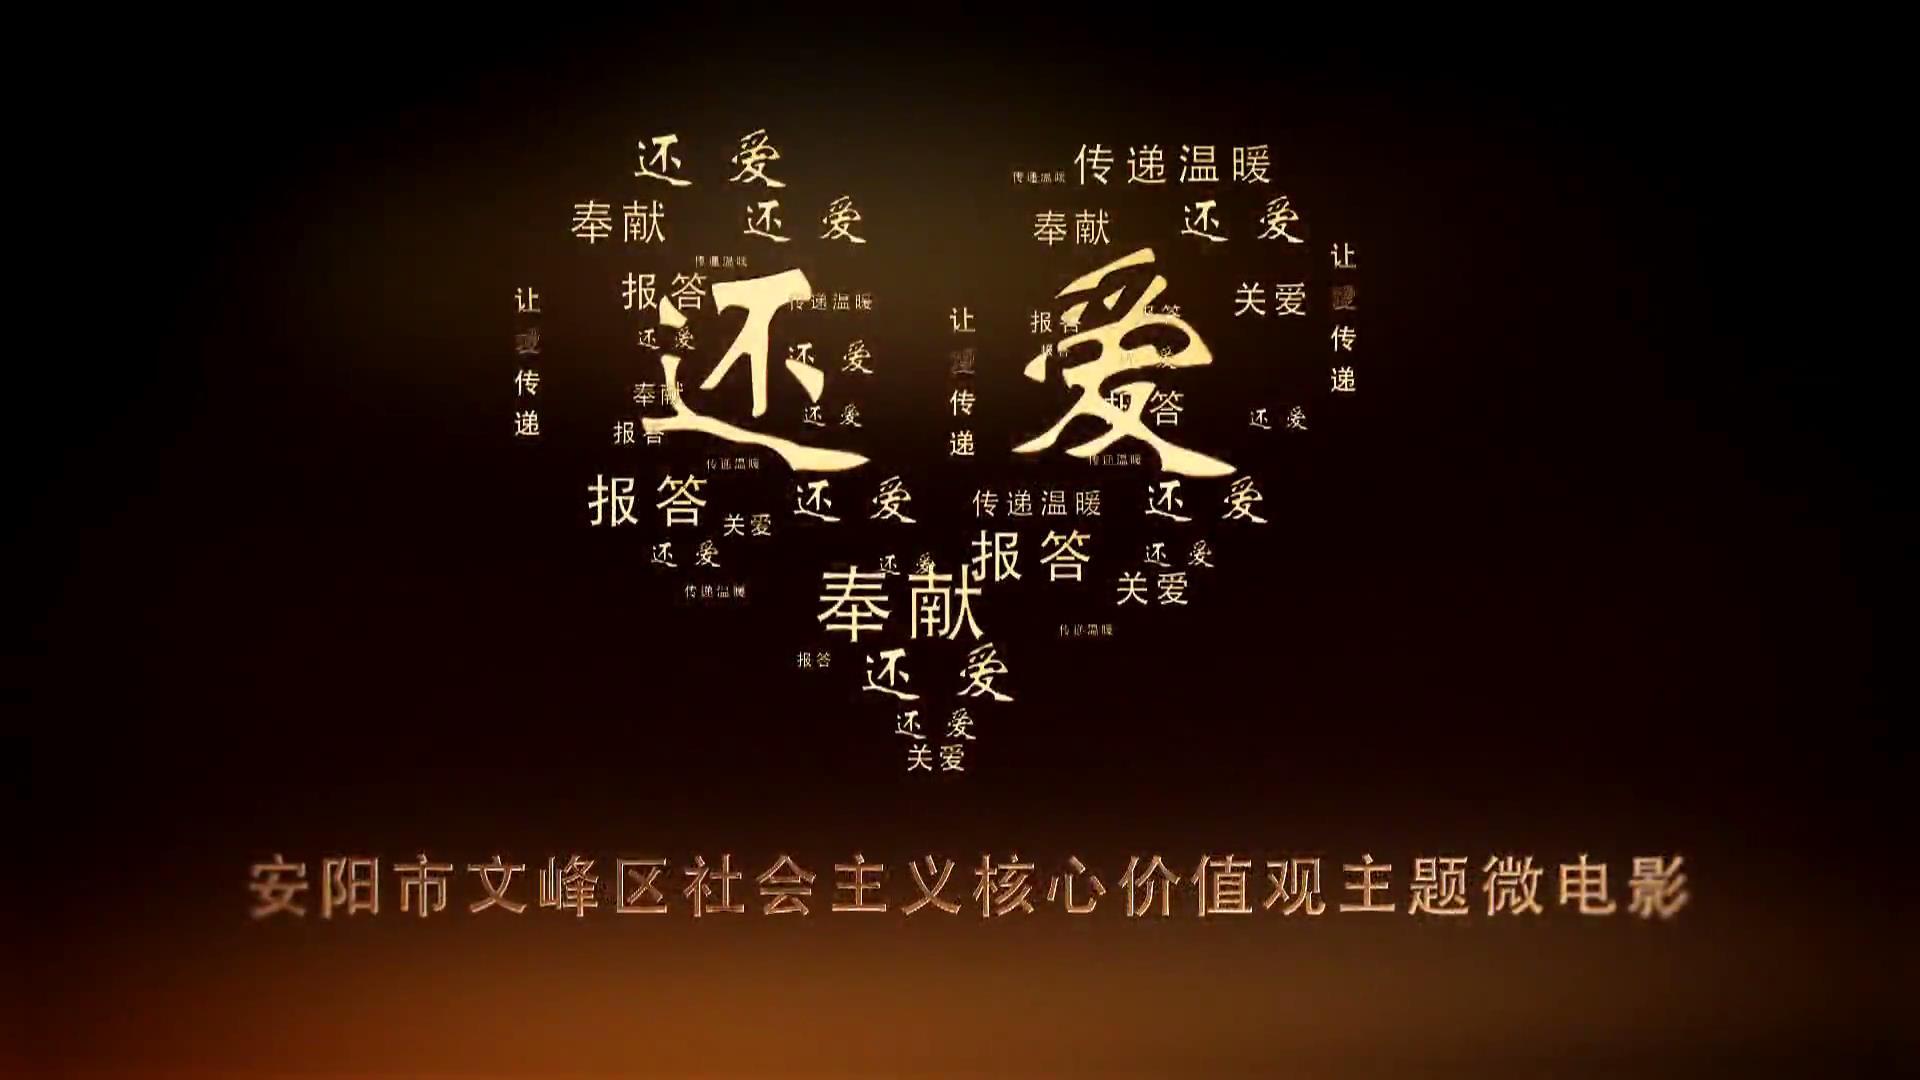 河南安阳微金炎龙爆电影《还爱》[00_00_13][20190516-100007].jpg